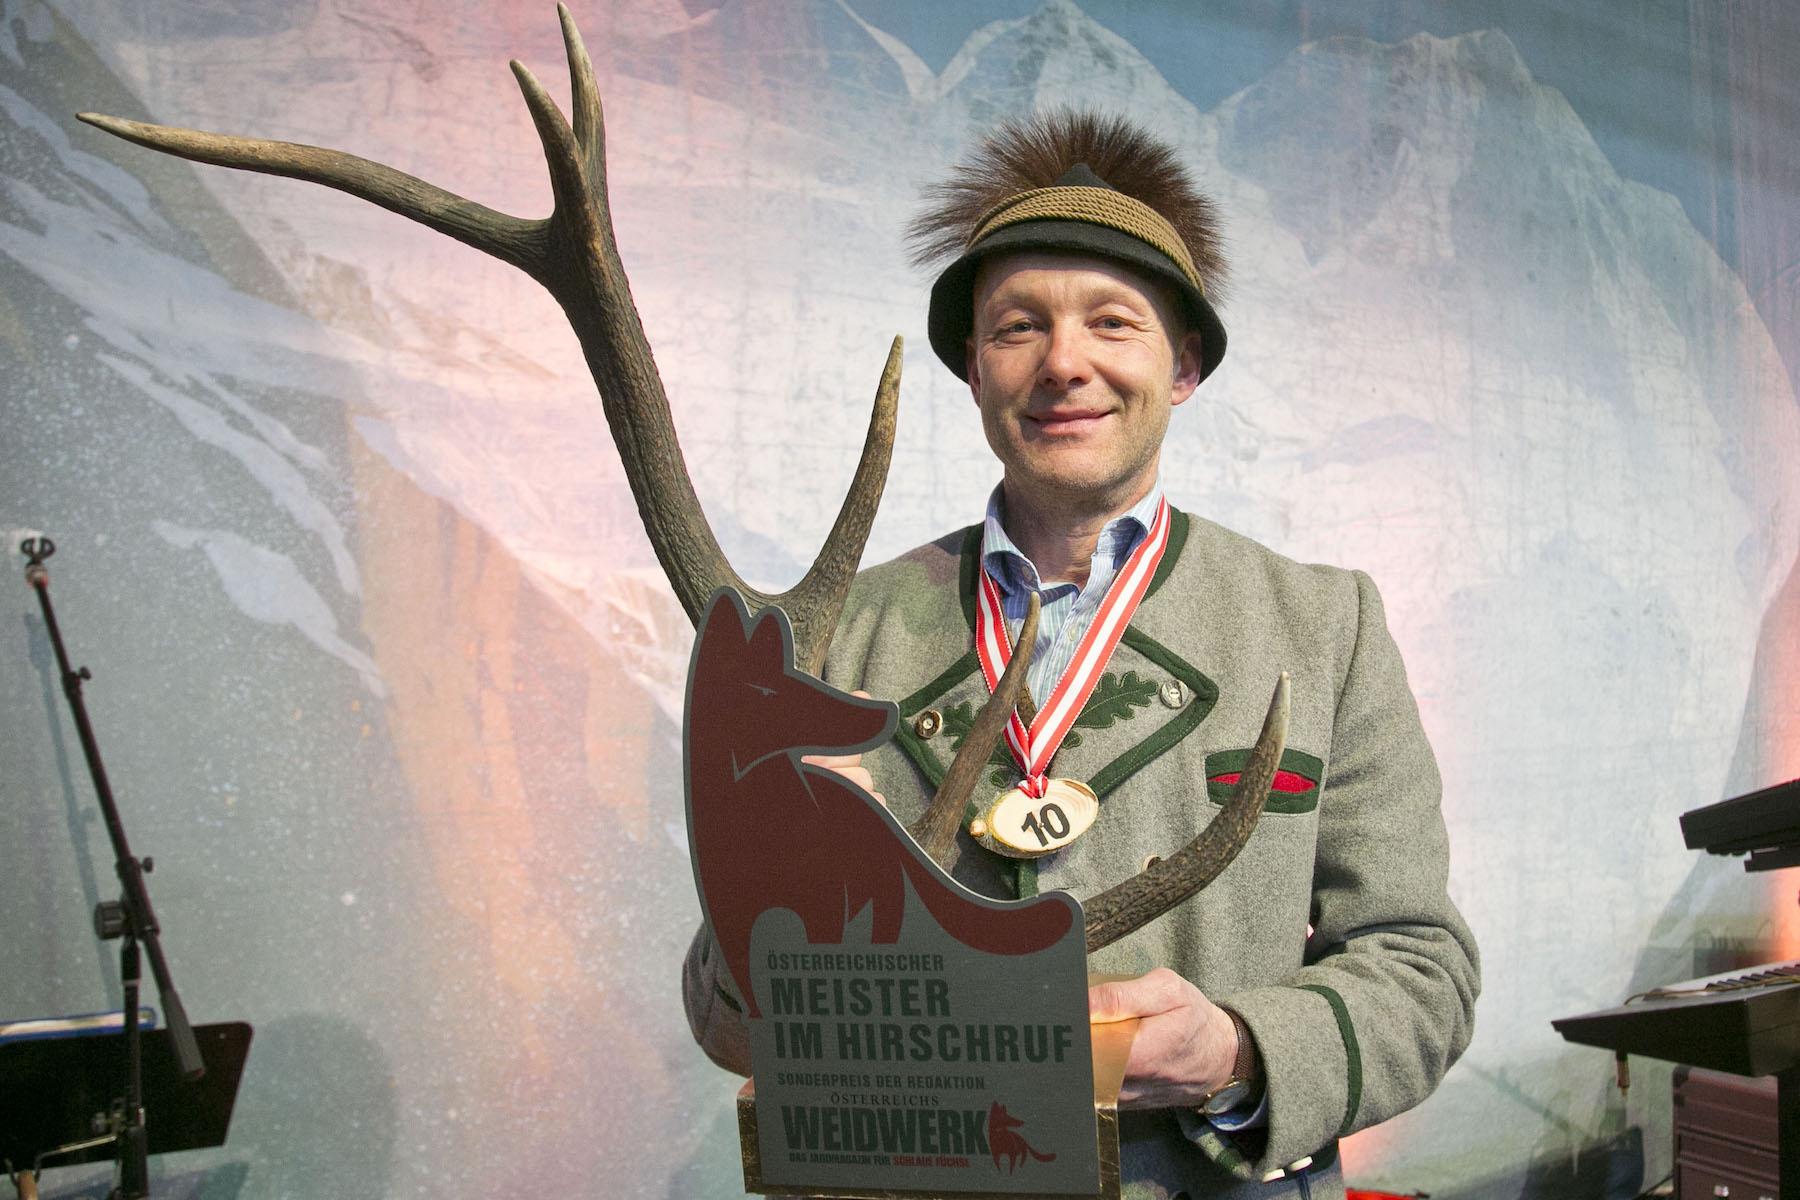 Fotoquelle: Messe Salzburg/ Sieger im Hirschruf-Wettbewerb wurde Christian Hochleitner